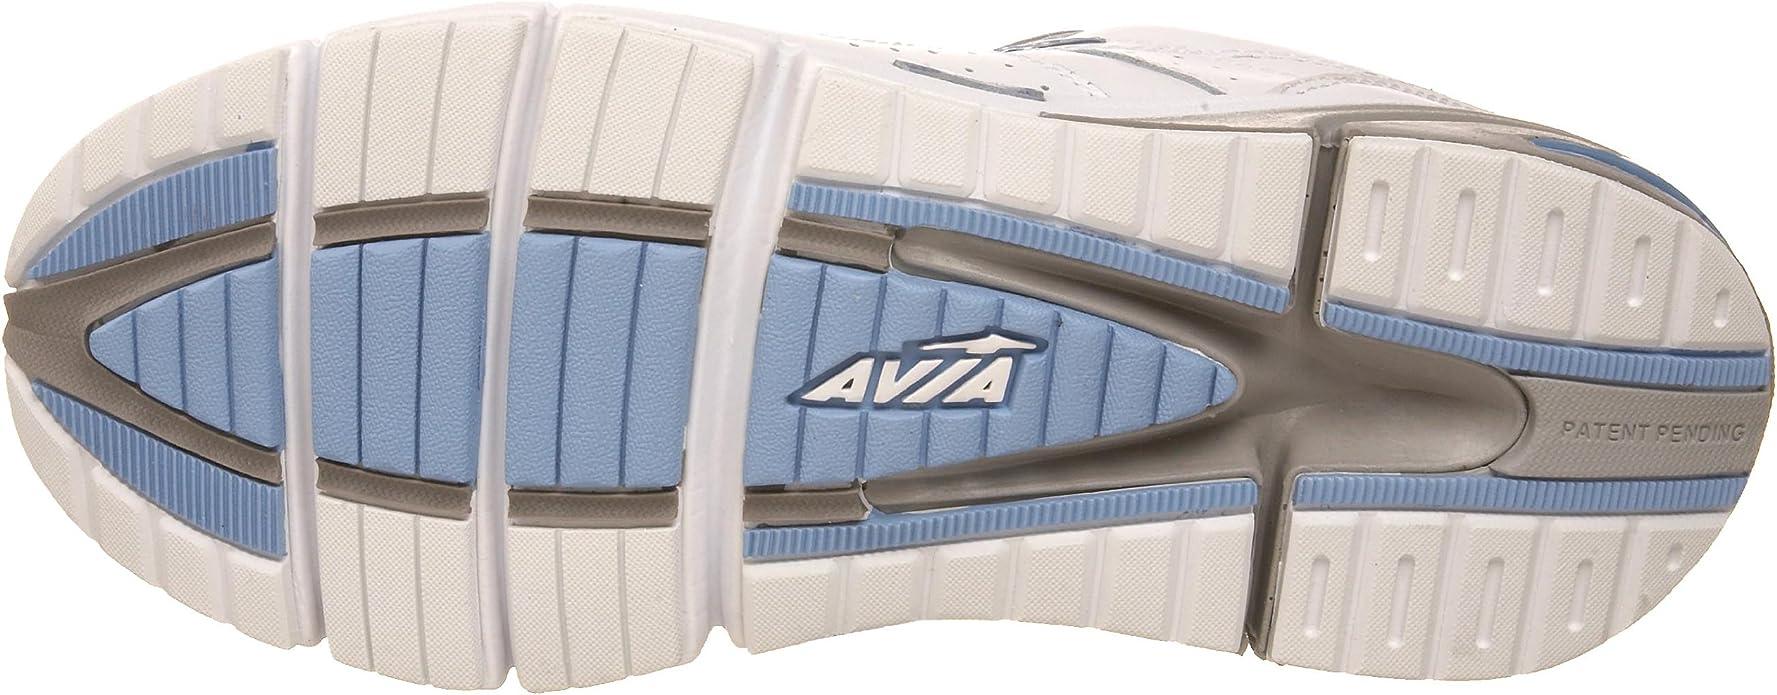 FIBU Kaufen Neuesten Schuhe Nike Air Zoom Pegasus 34 Damen